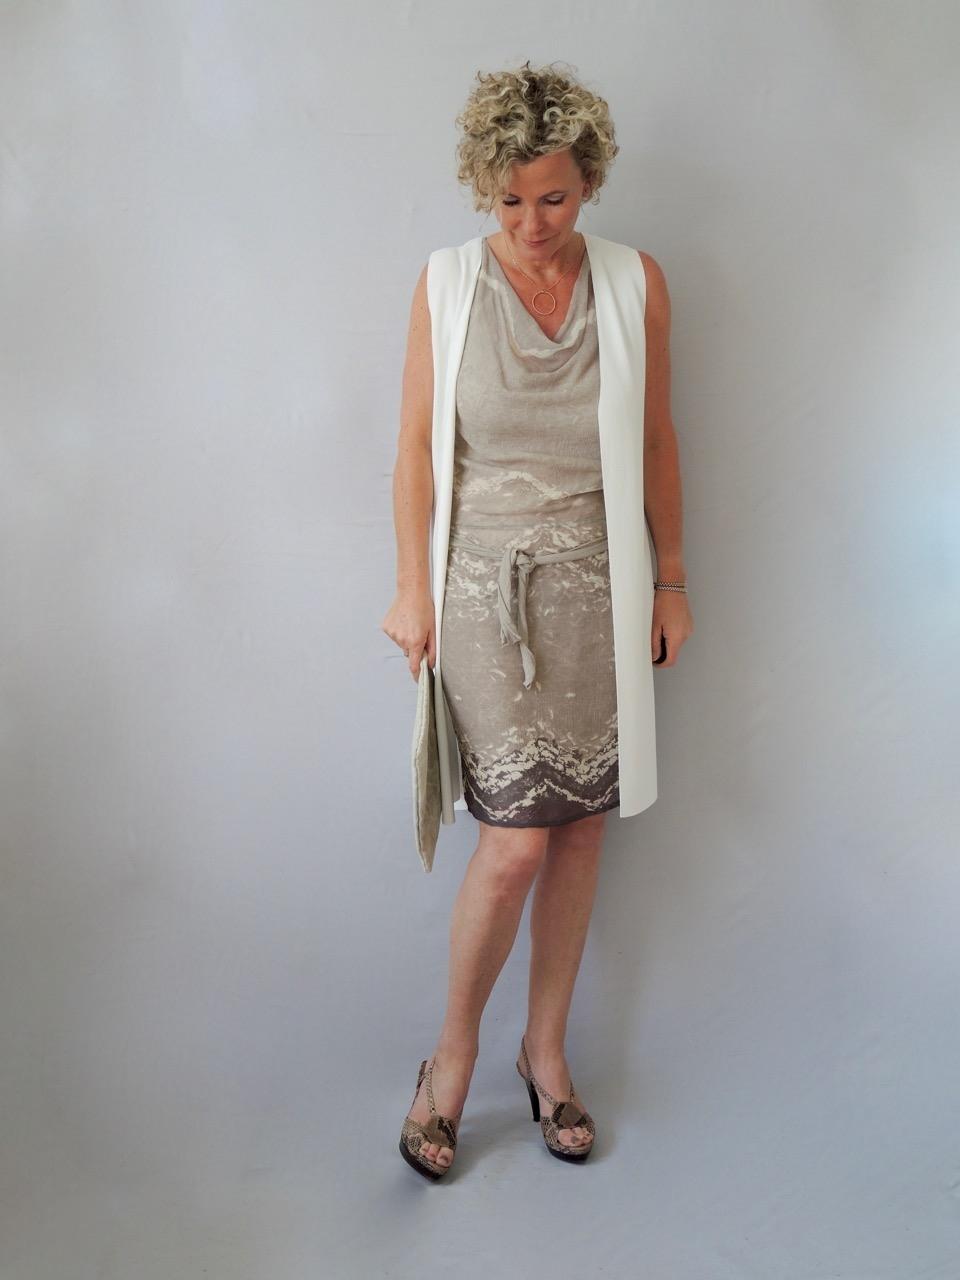 15 Schön Elegante Kleider Für Die Frau Ab 50 Bester PreisDesigner Genial Elegante Kleider Für Die Frau Ab 50 Vertrieb